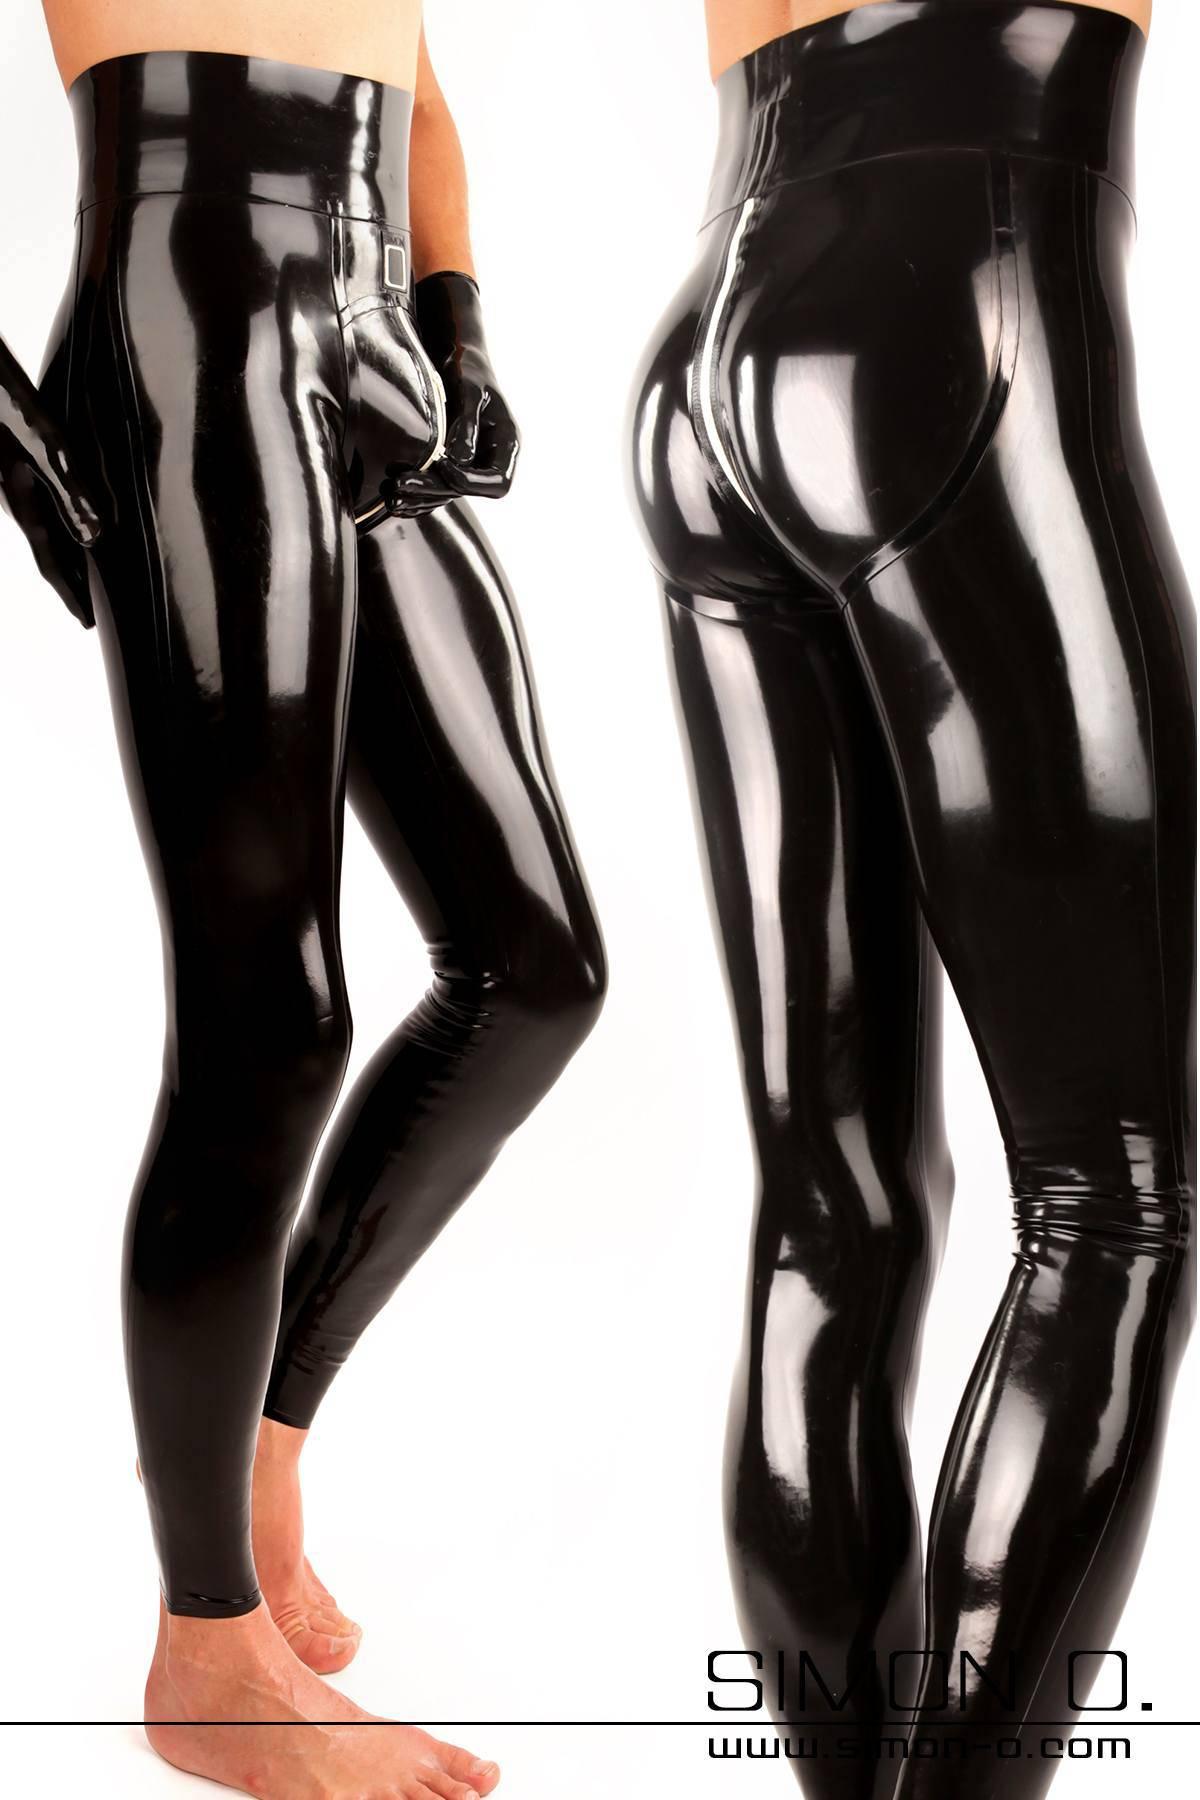 Herren Latex Leggings mit Push up Effekt - extra hoher Bund Herren Latex Leggings mit durchgehendem Zipp im Schritt und Push Up für Po und Genitalbereich. …